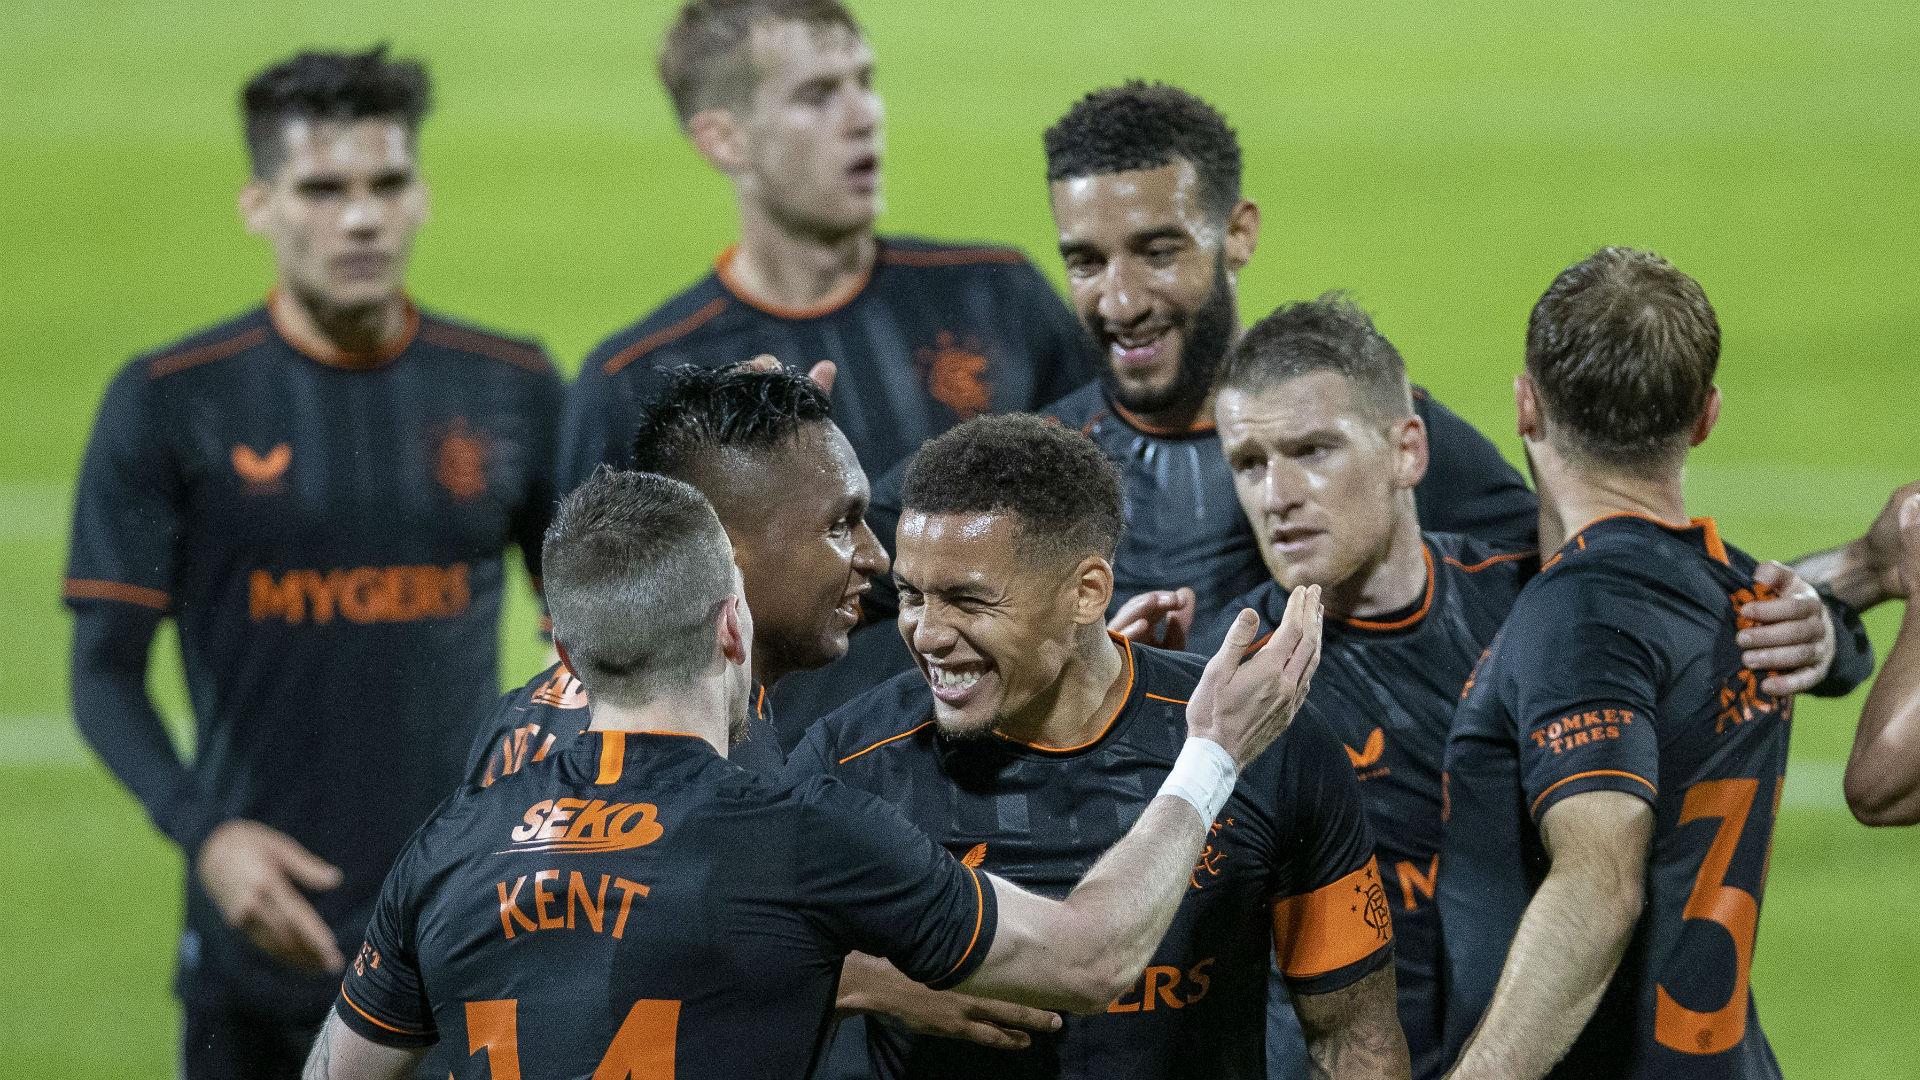 Willem II 0-4 Rangers: Ryan Kent stars as Steven Gerrard's men run riot in  Europa League qualifying | Goal.com